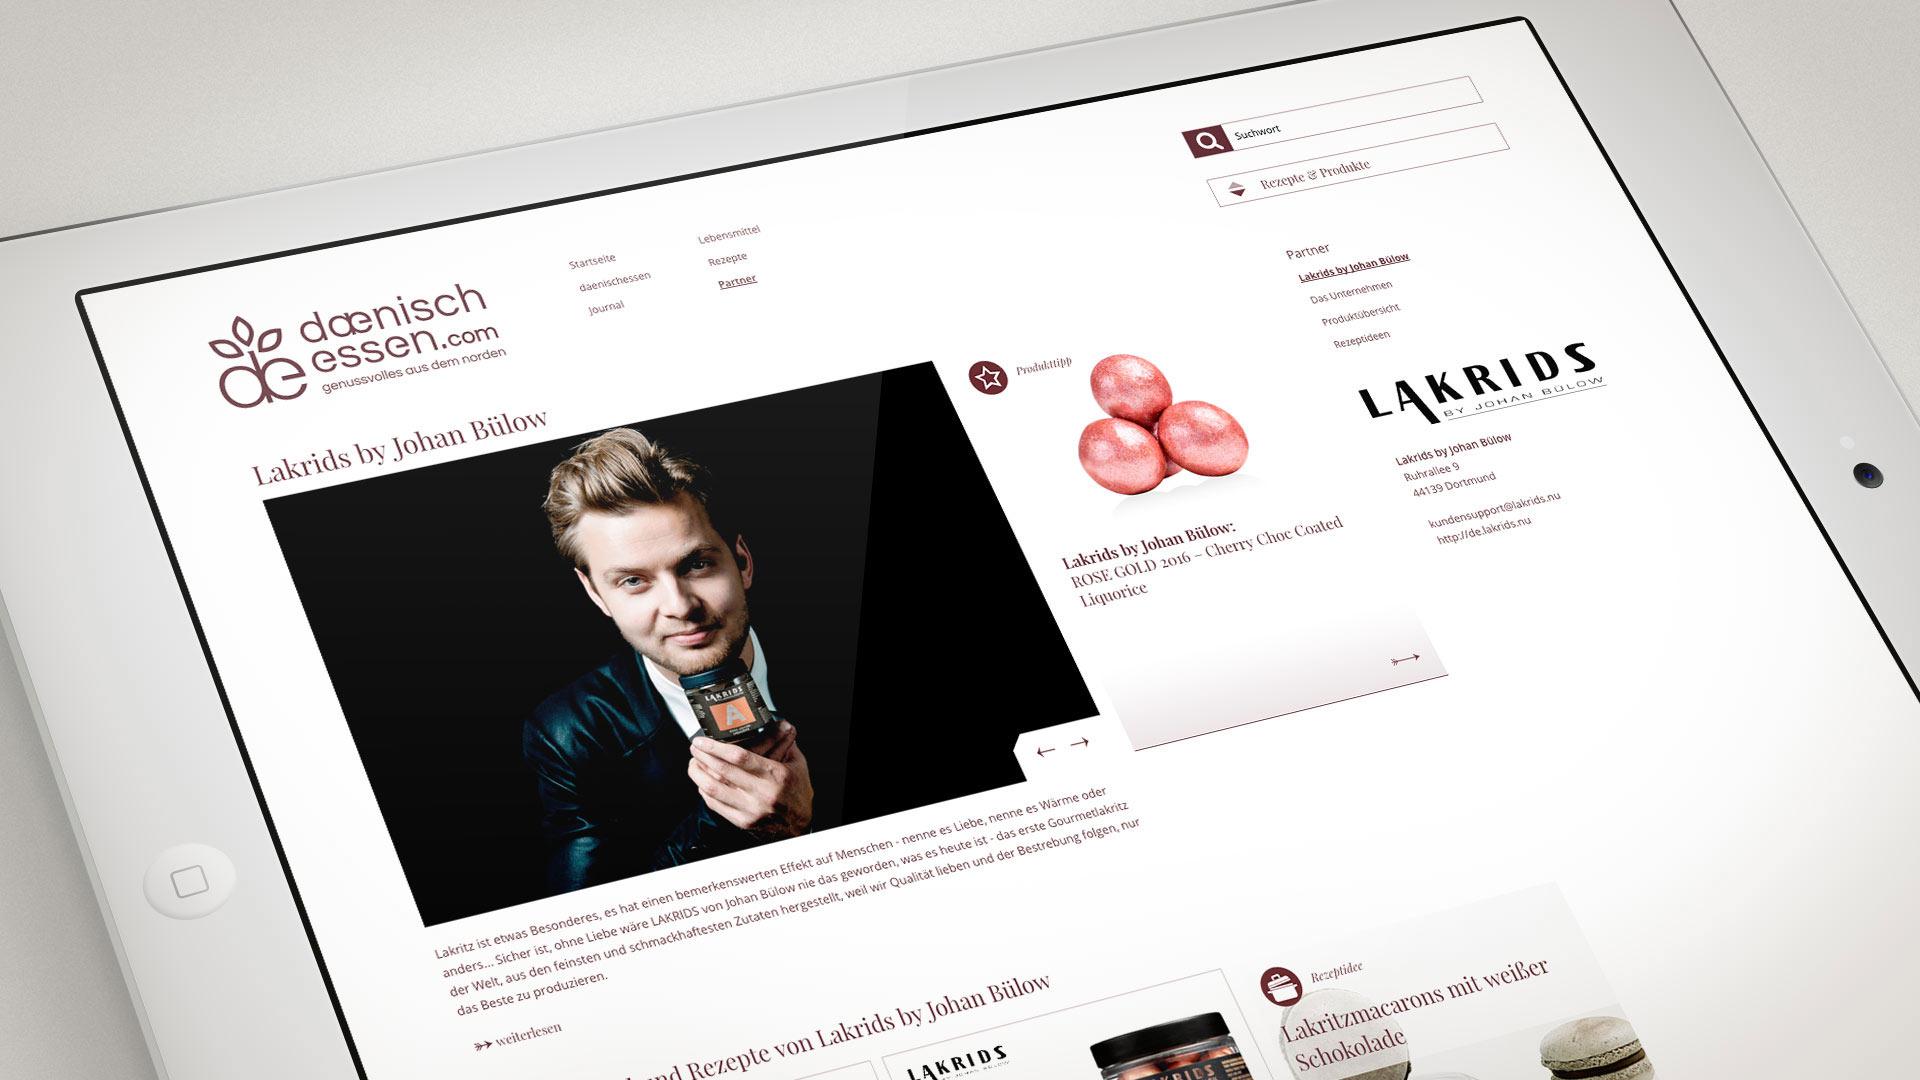 artventura-Projekt daenischessen.com:Dynamische Homepage eines Lieferantenportals